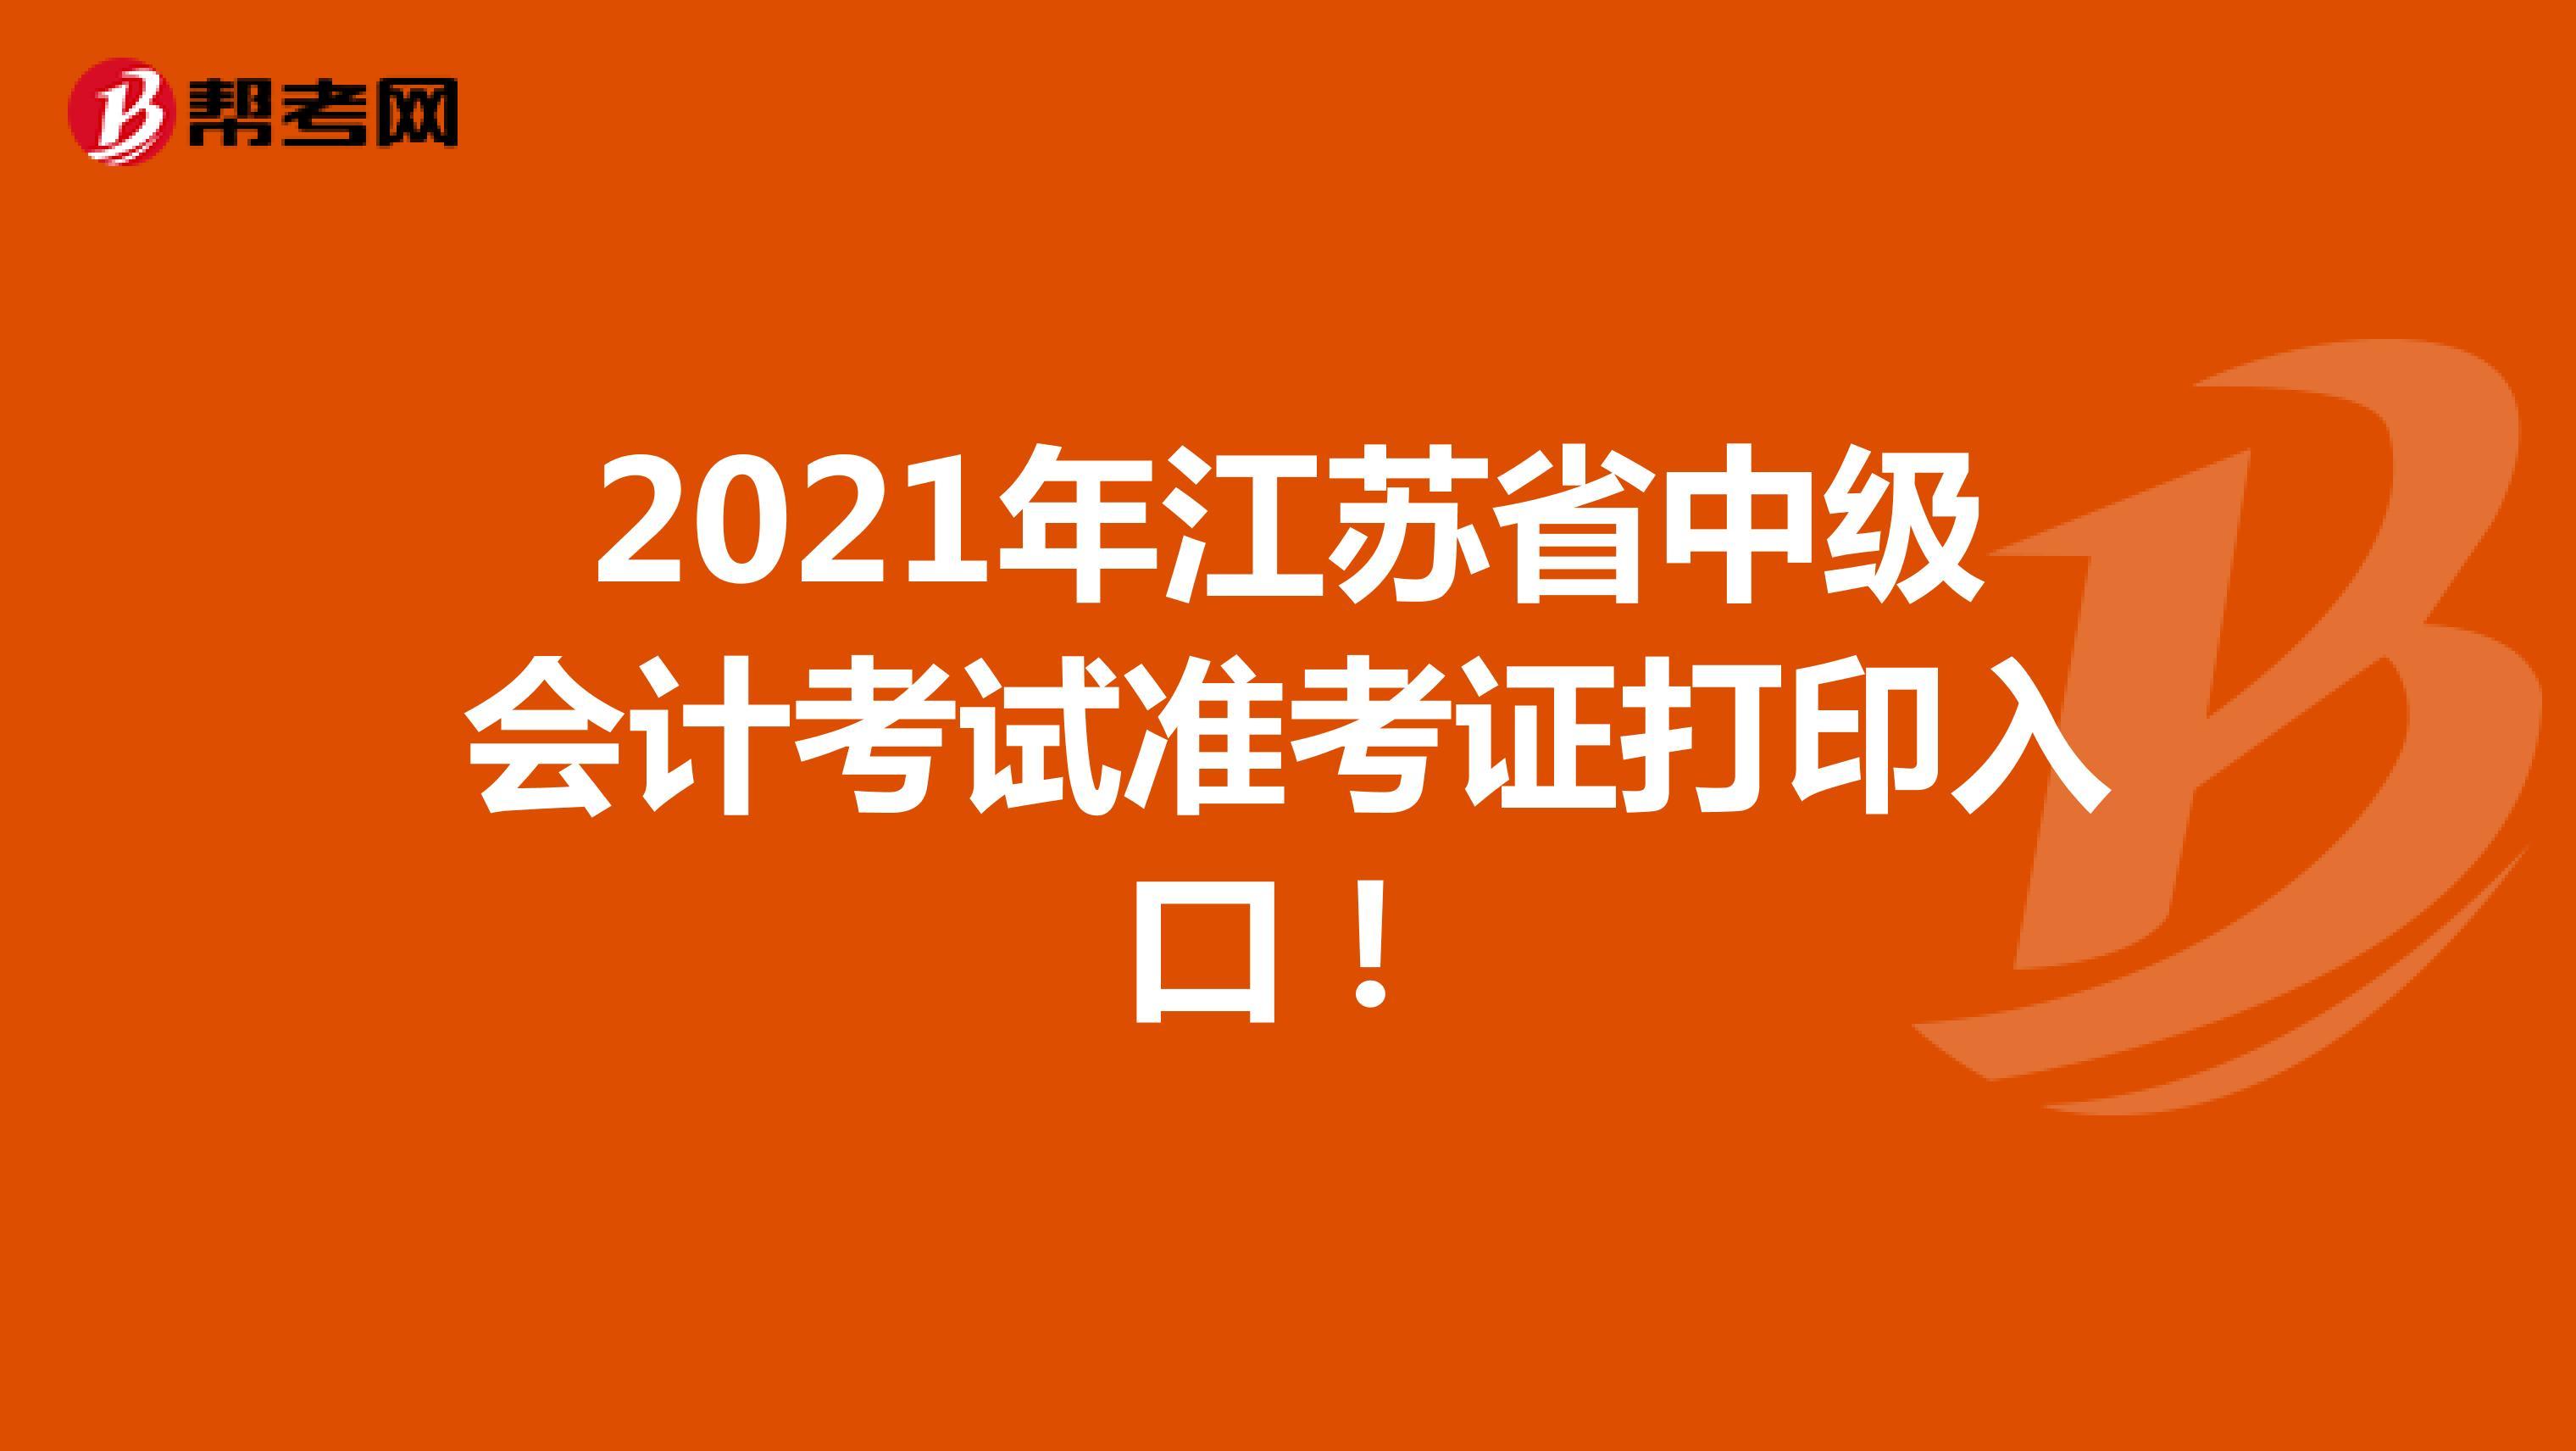 2021年江苏省中级会计考试准考证打印入口!